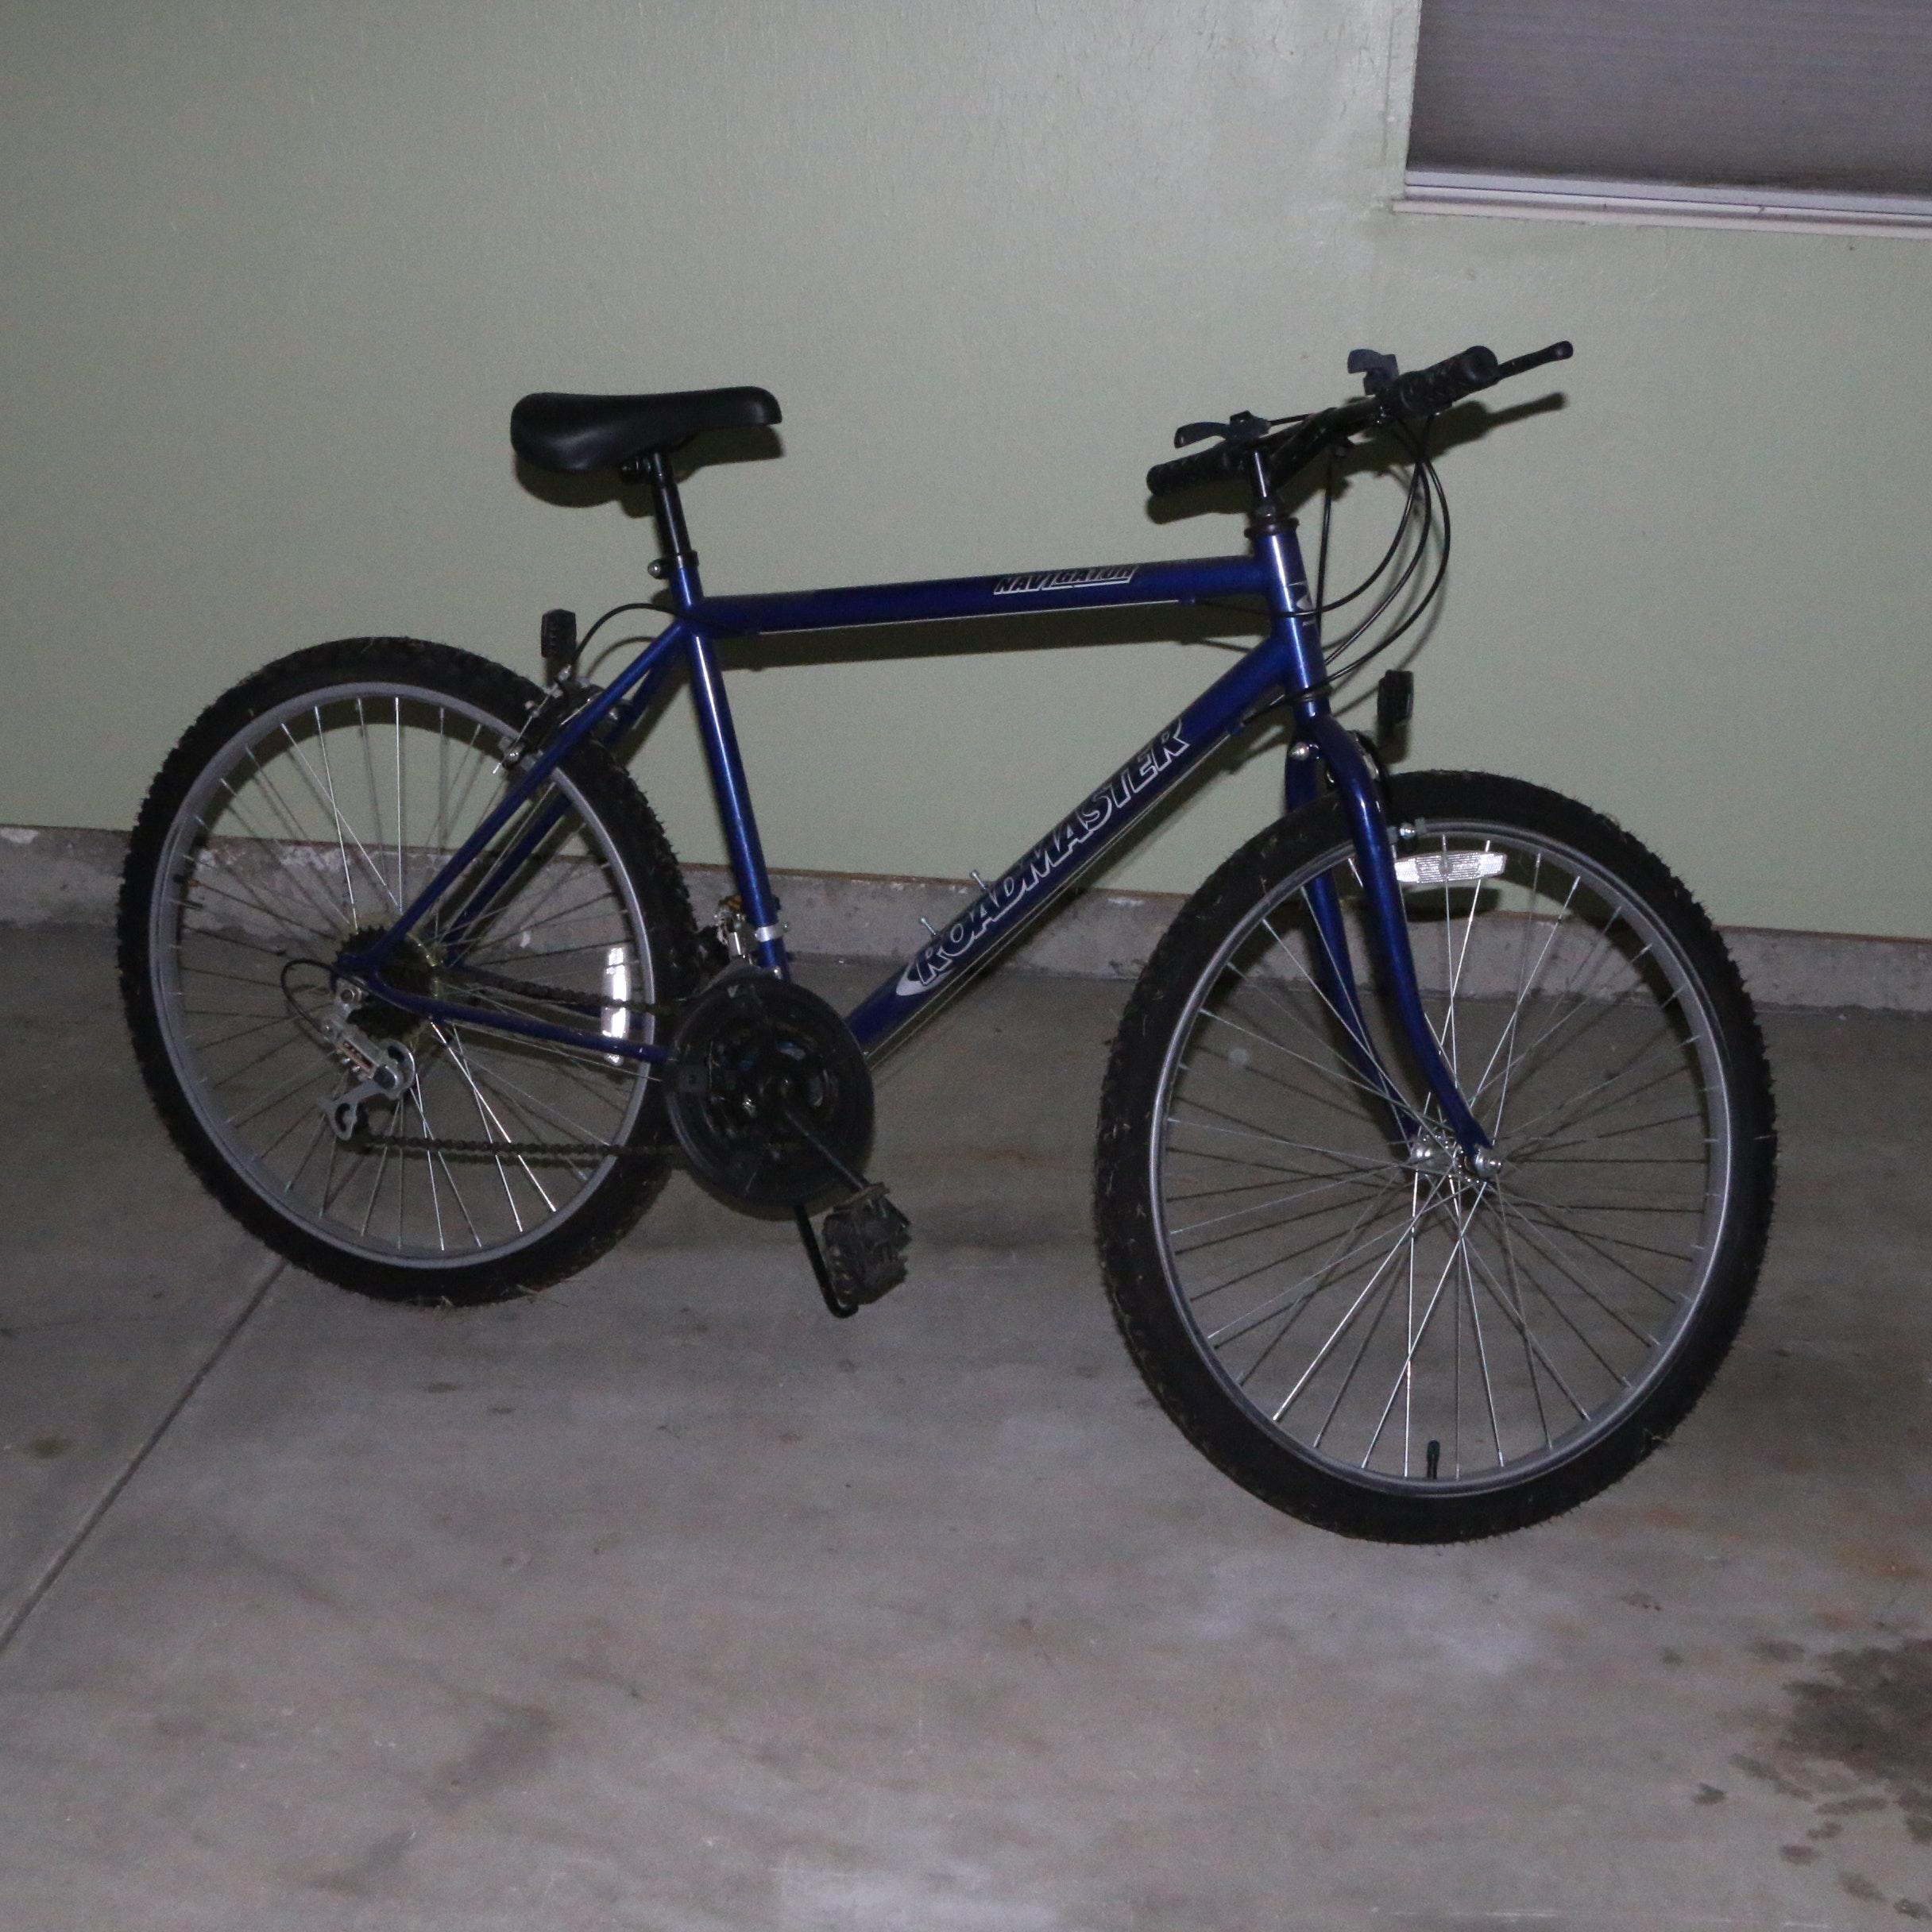 Roadmaster NaviGATOR Mountain Bicycle